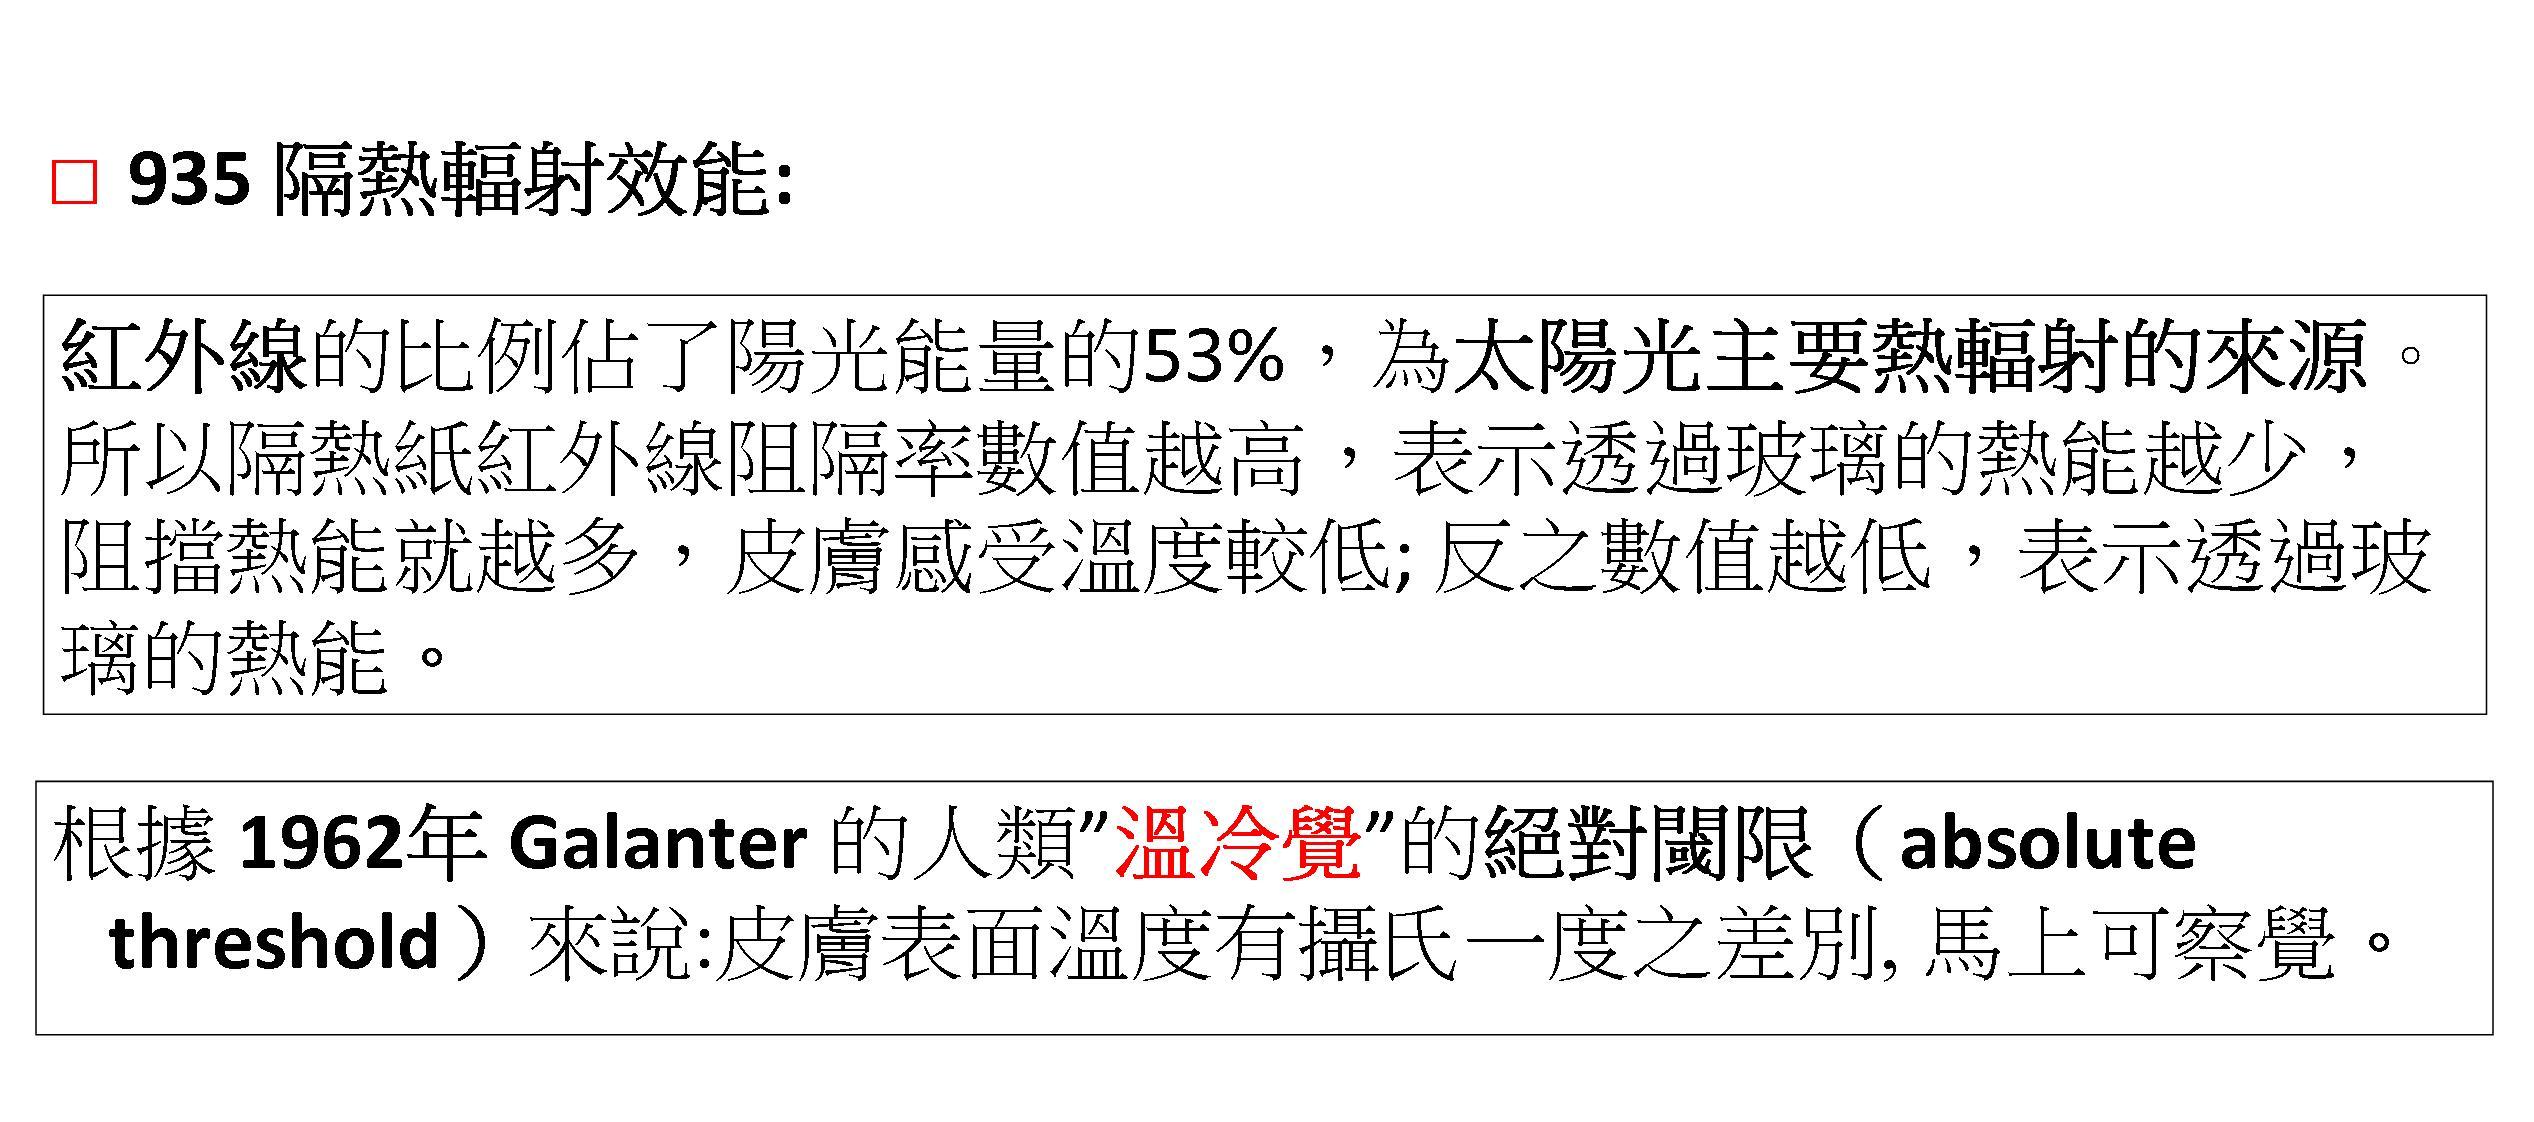 """紅外線的比例佔了陽光能量的53%,為太陽光主要熱輻射的來源。 所以隔熱紙紅外線阻隔率數值越高,表示透過玻璃的熱能越少,阻擋熱能就越多,皮膚感受溫度較低; 反之數值越低,表示透過玻璃的熱能。  根據 1962年 Galanter 的人類""""溫冷覺""""的絕對閾限(absolute threshold)來說:皮膚表面溫度有攝氏一度之差別, 馬上可察覺。"""